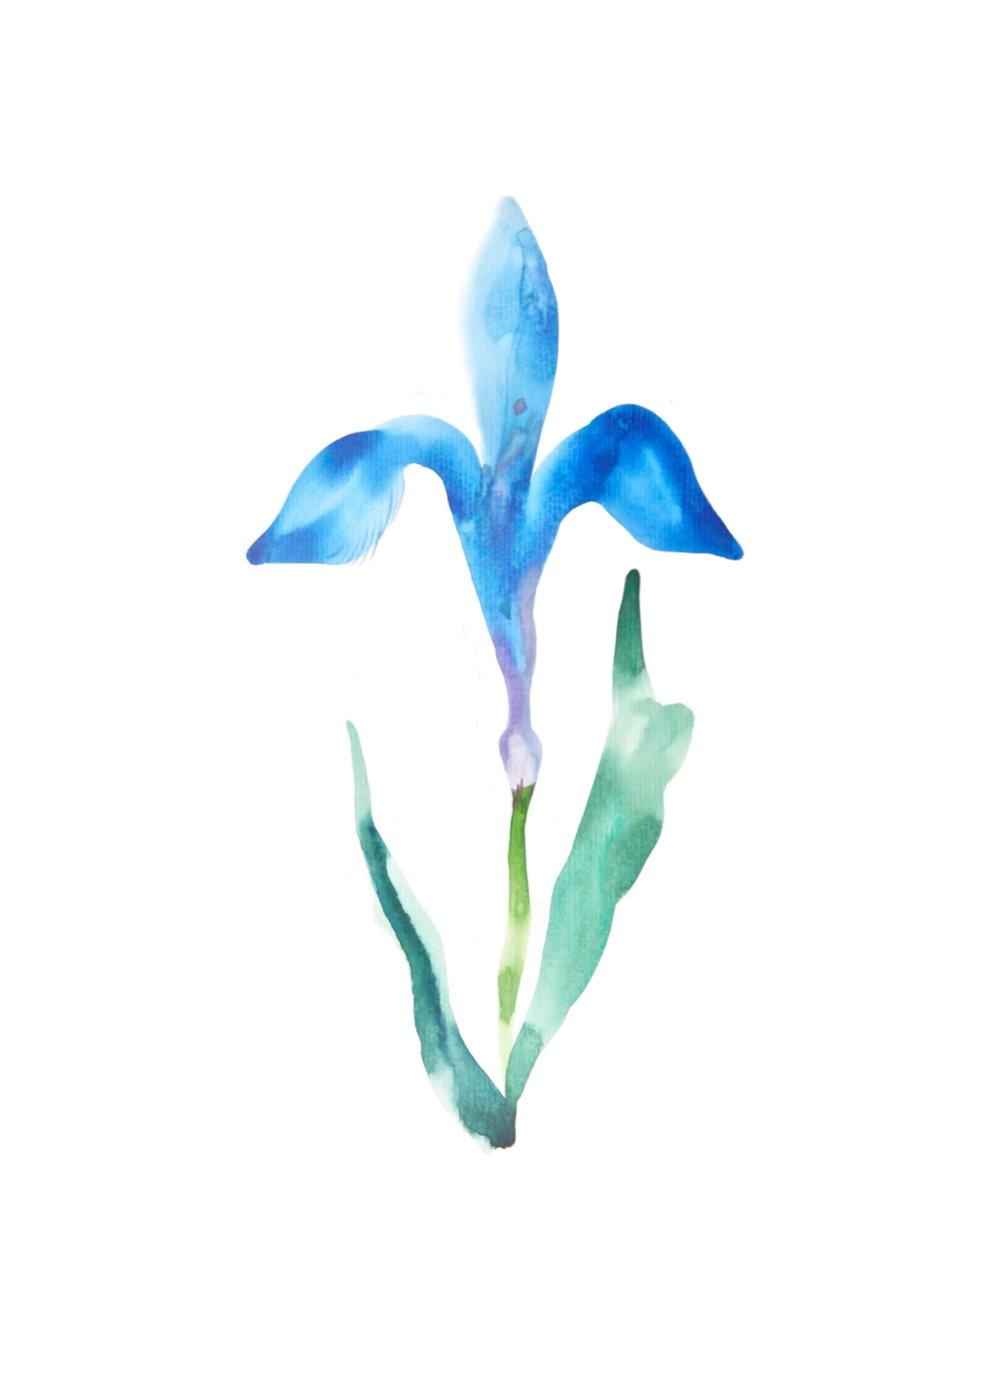 Fleur de lys  ,2016,watercolor on paper,30x40cm, private collection